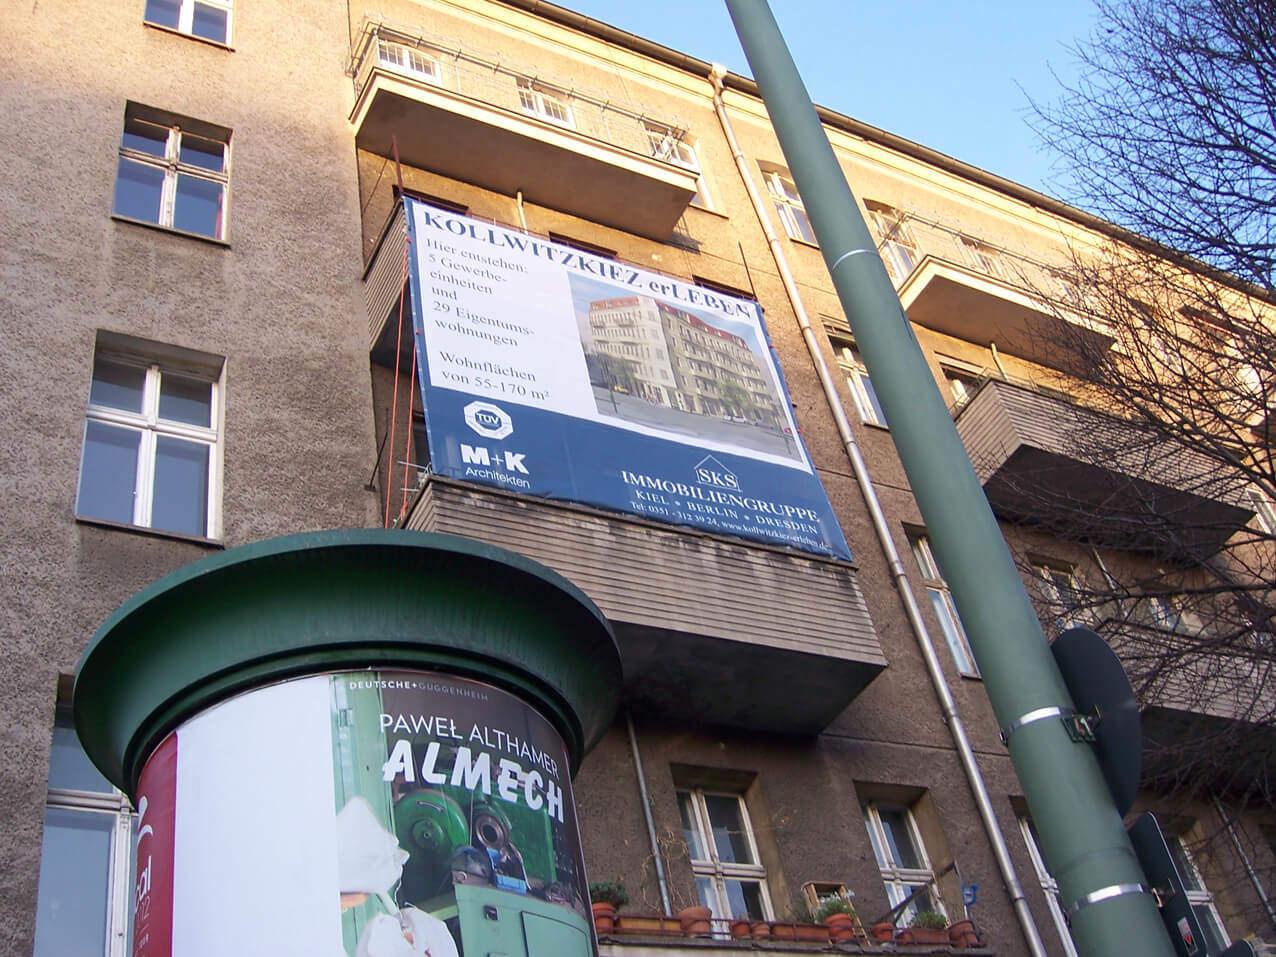 461 Balkon Plane Vermietung Verkauf Wegaswerbung Beschriftung